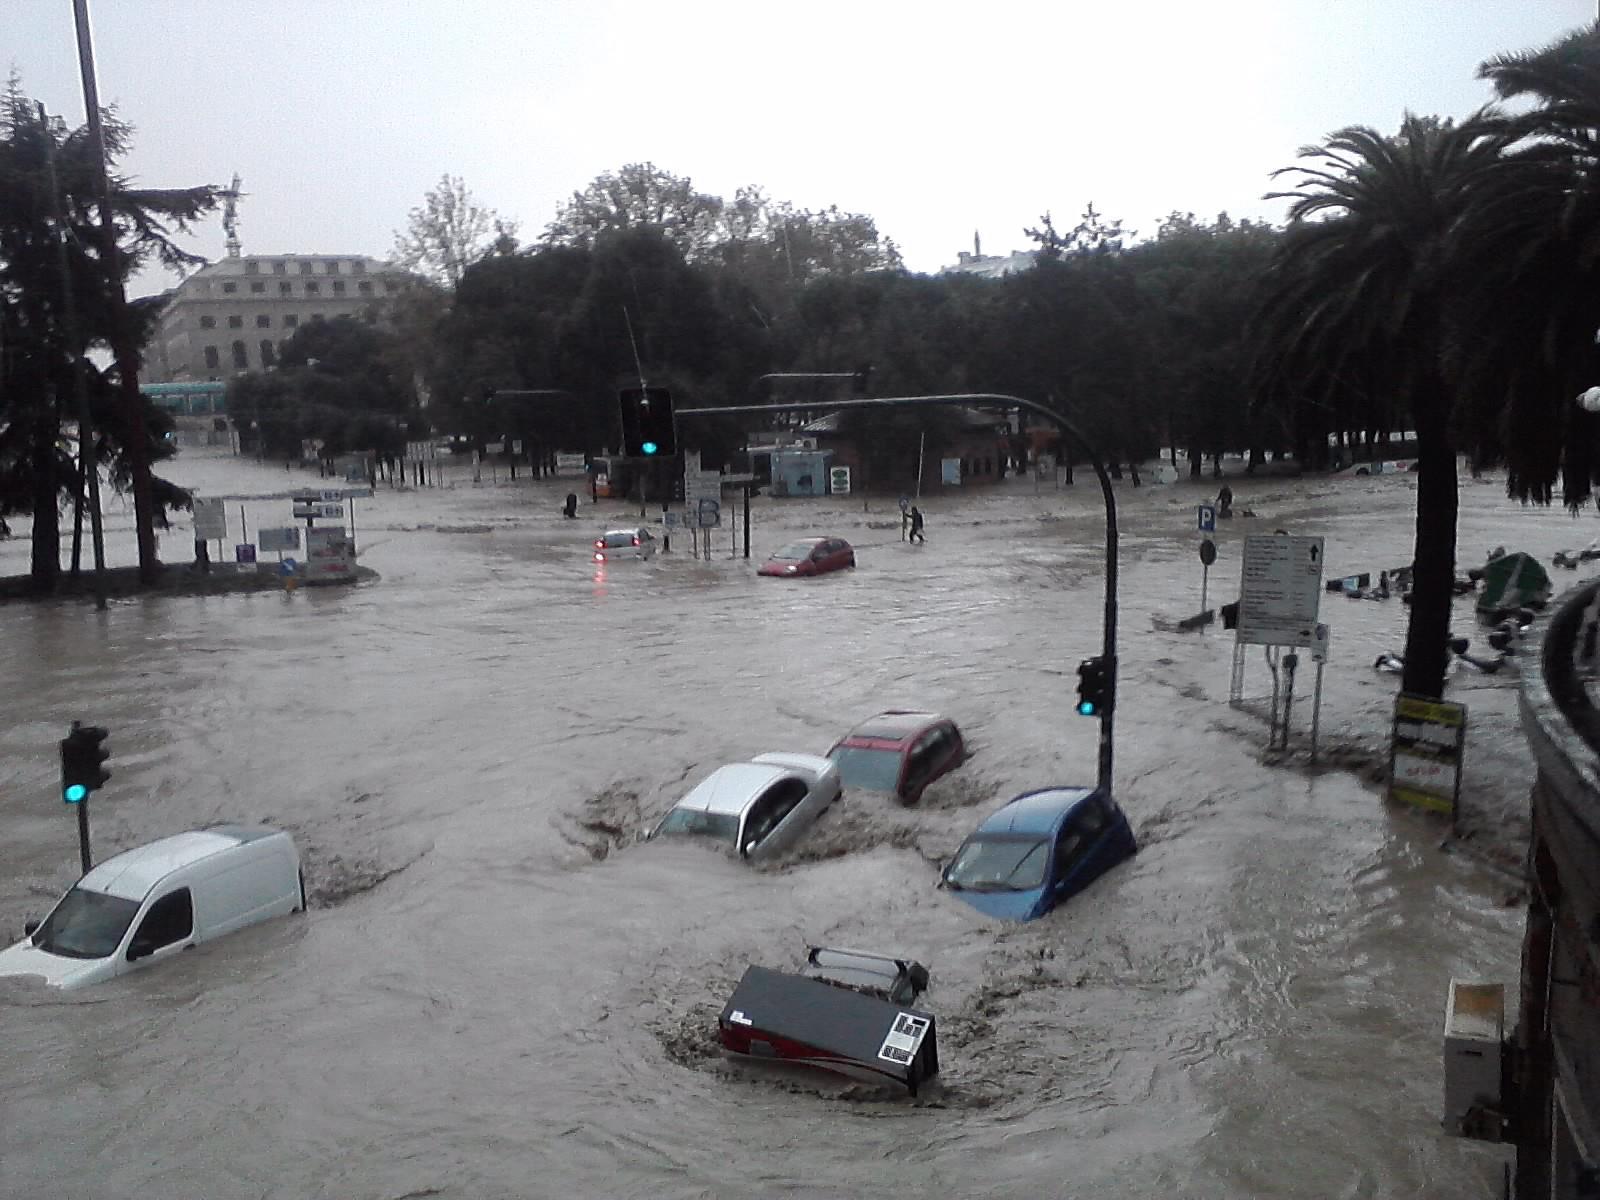 """Genova sommersa da un'alluvione: un morto e molti dispersi. Il sindaco Doria: """"Non c'è stata allerta"""""""